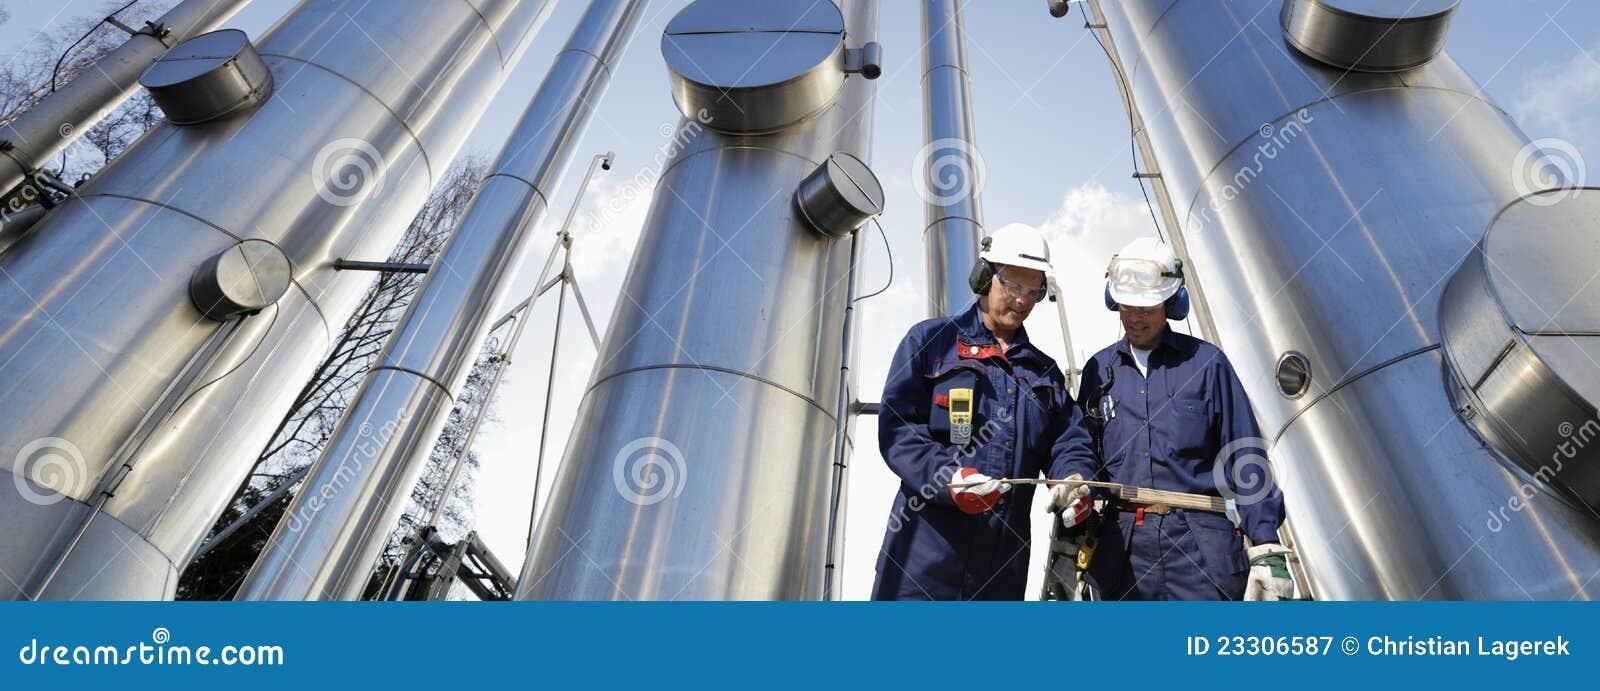 газовое маслоо прокладывает трубопровод работники